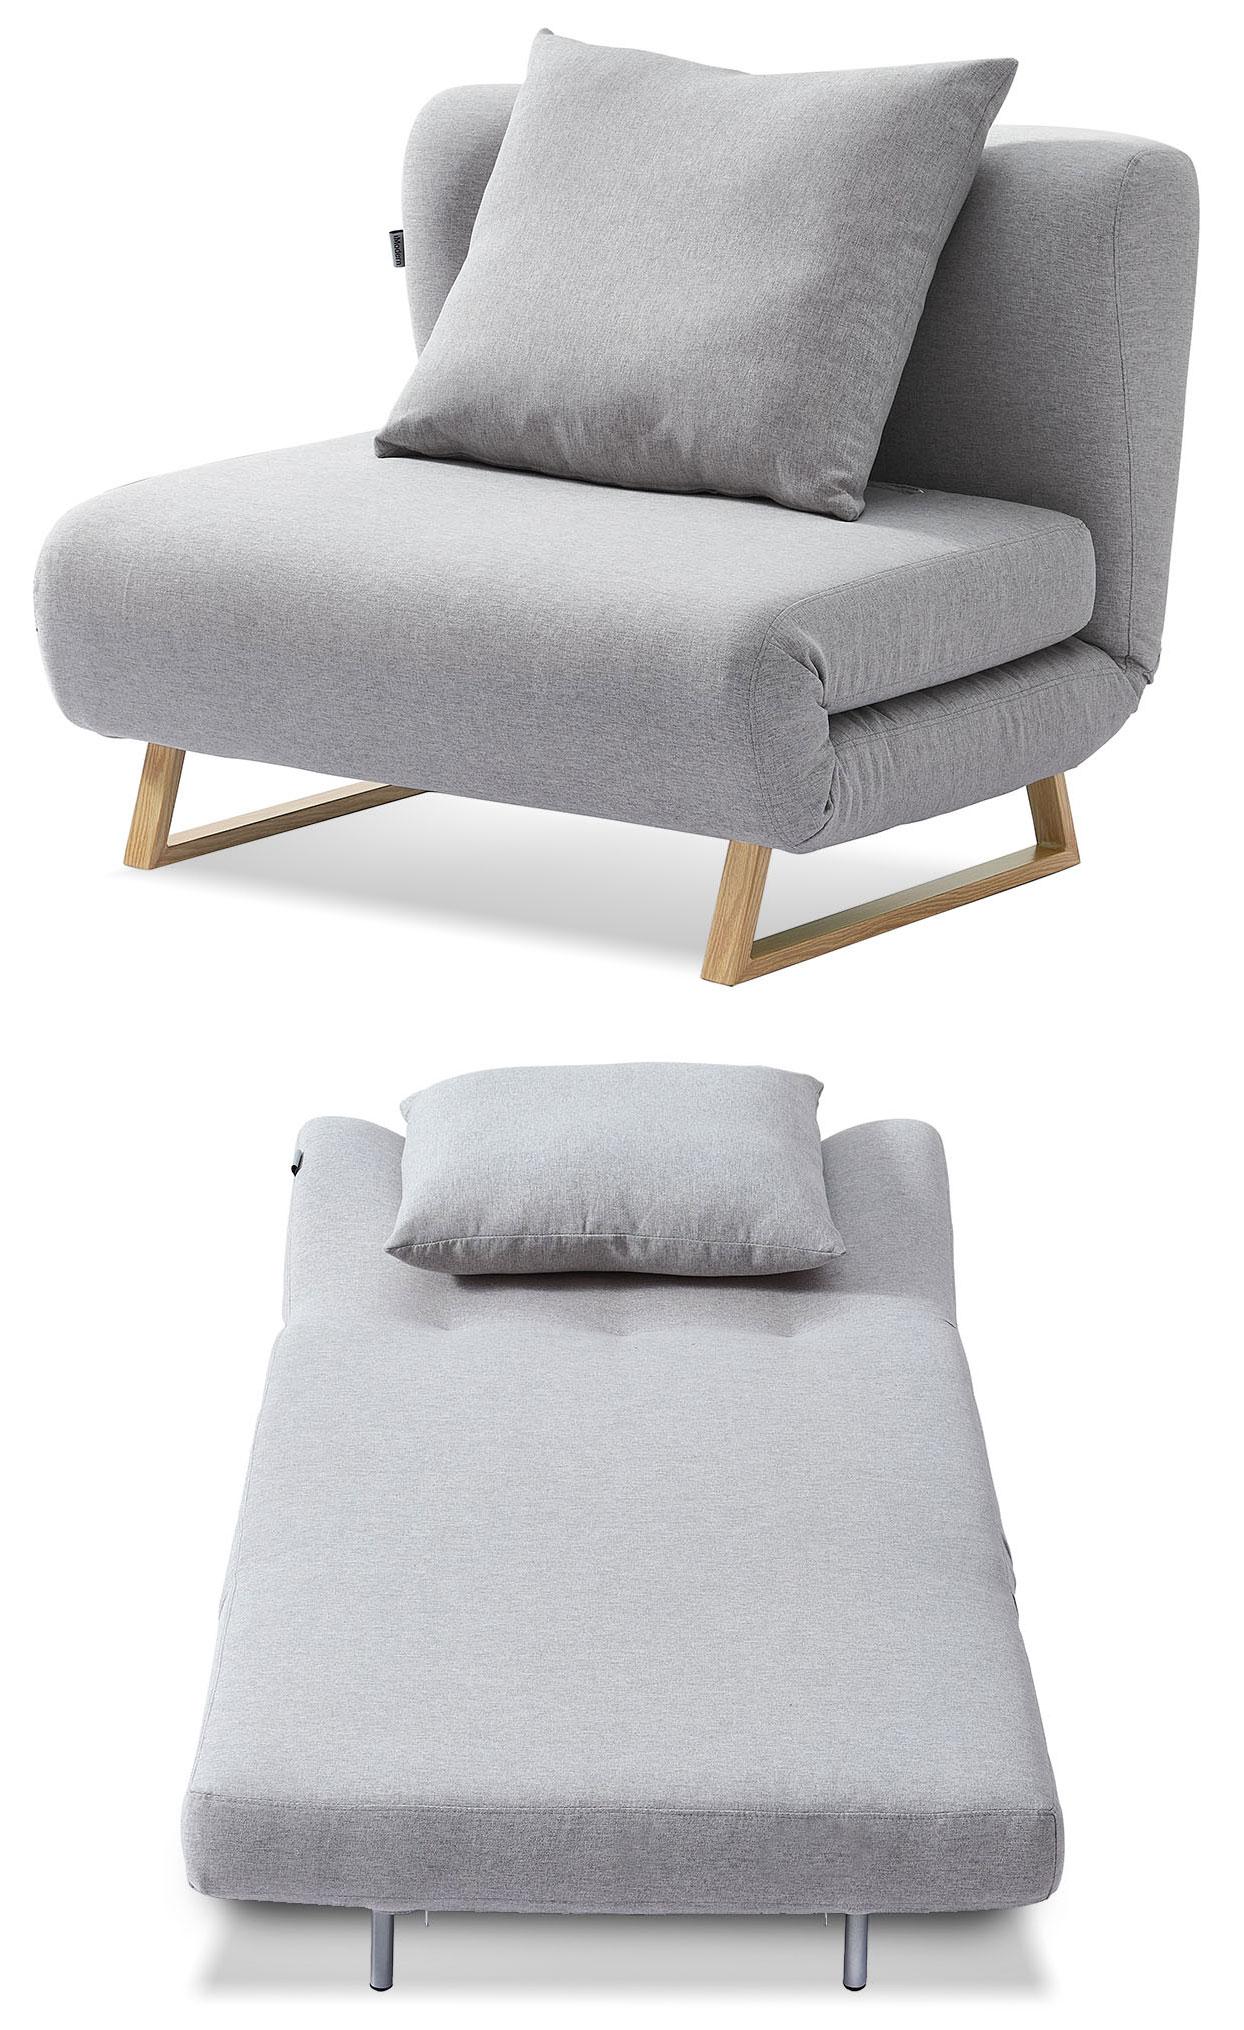 Кресло кровать Rosy, серый/без принта